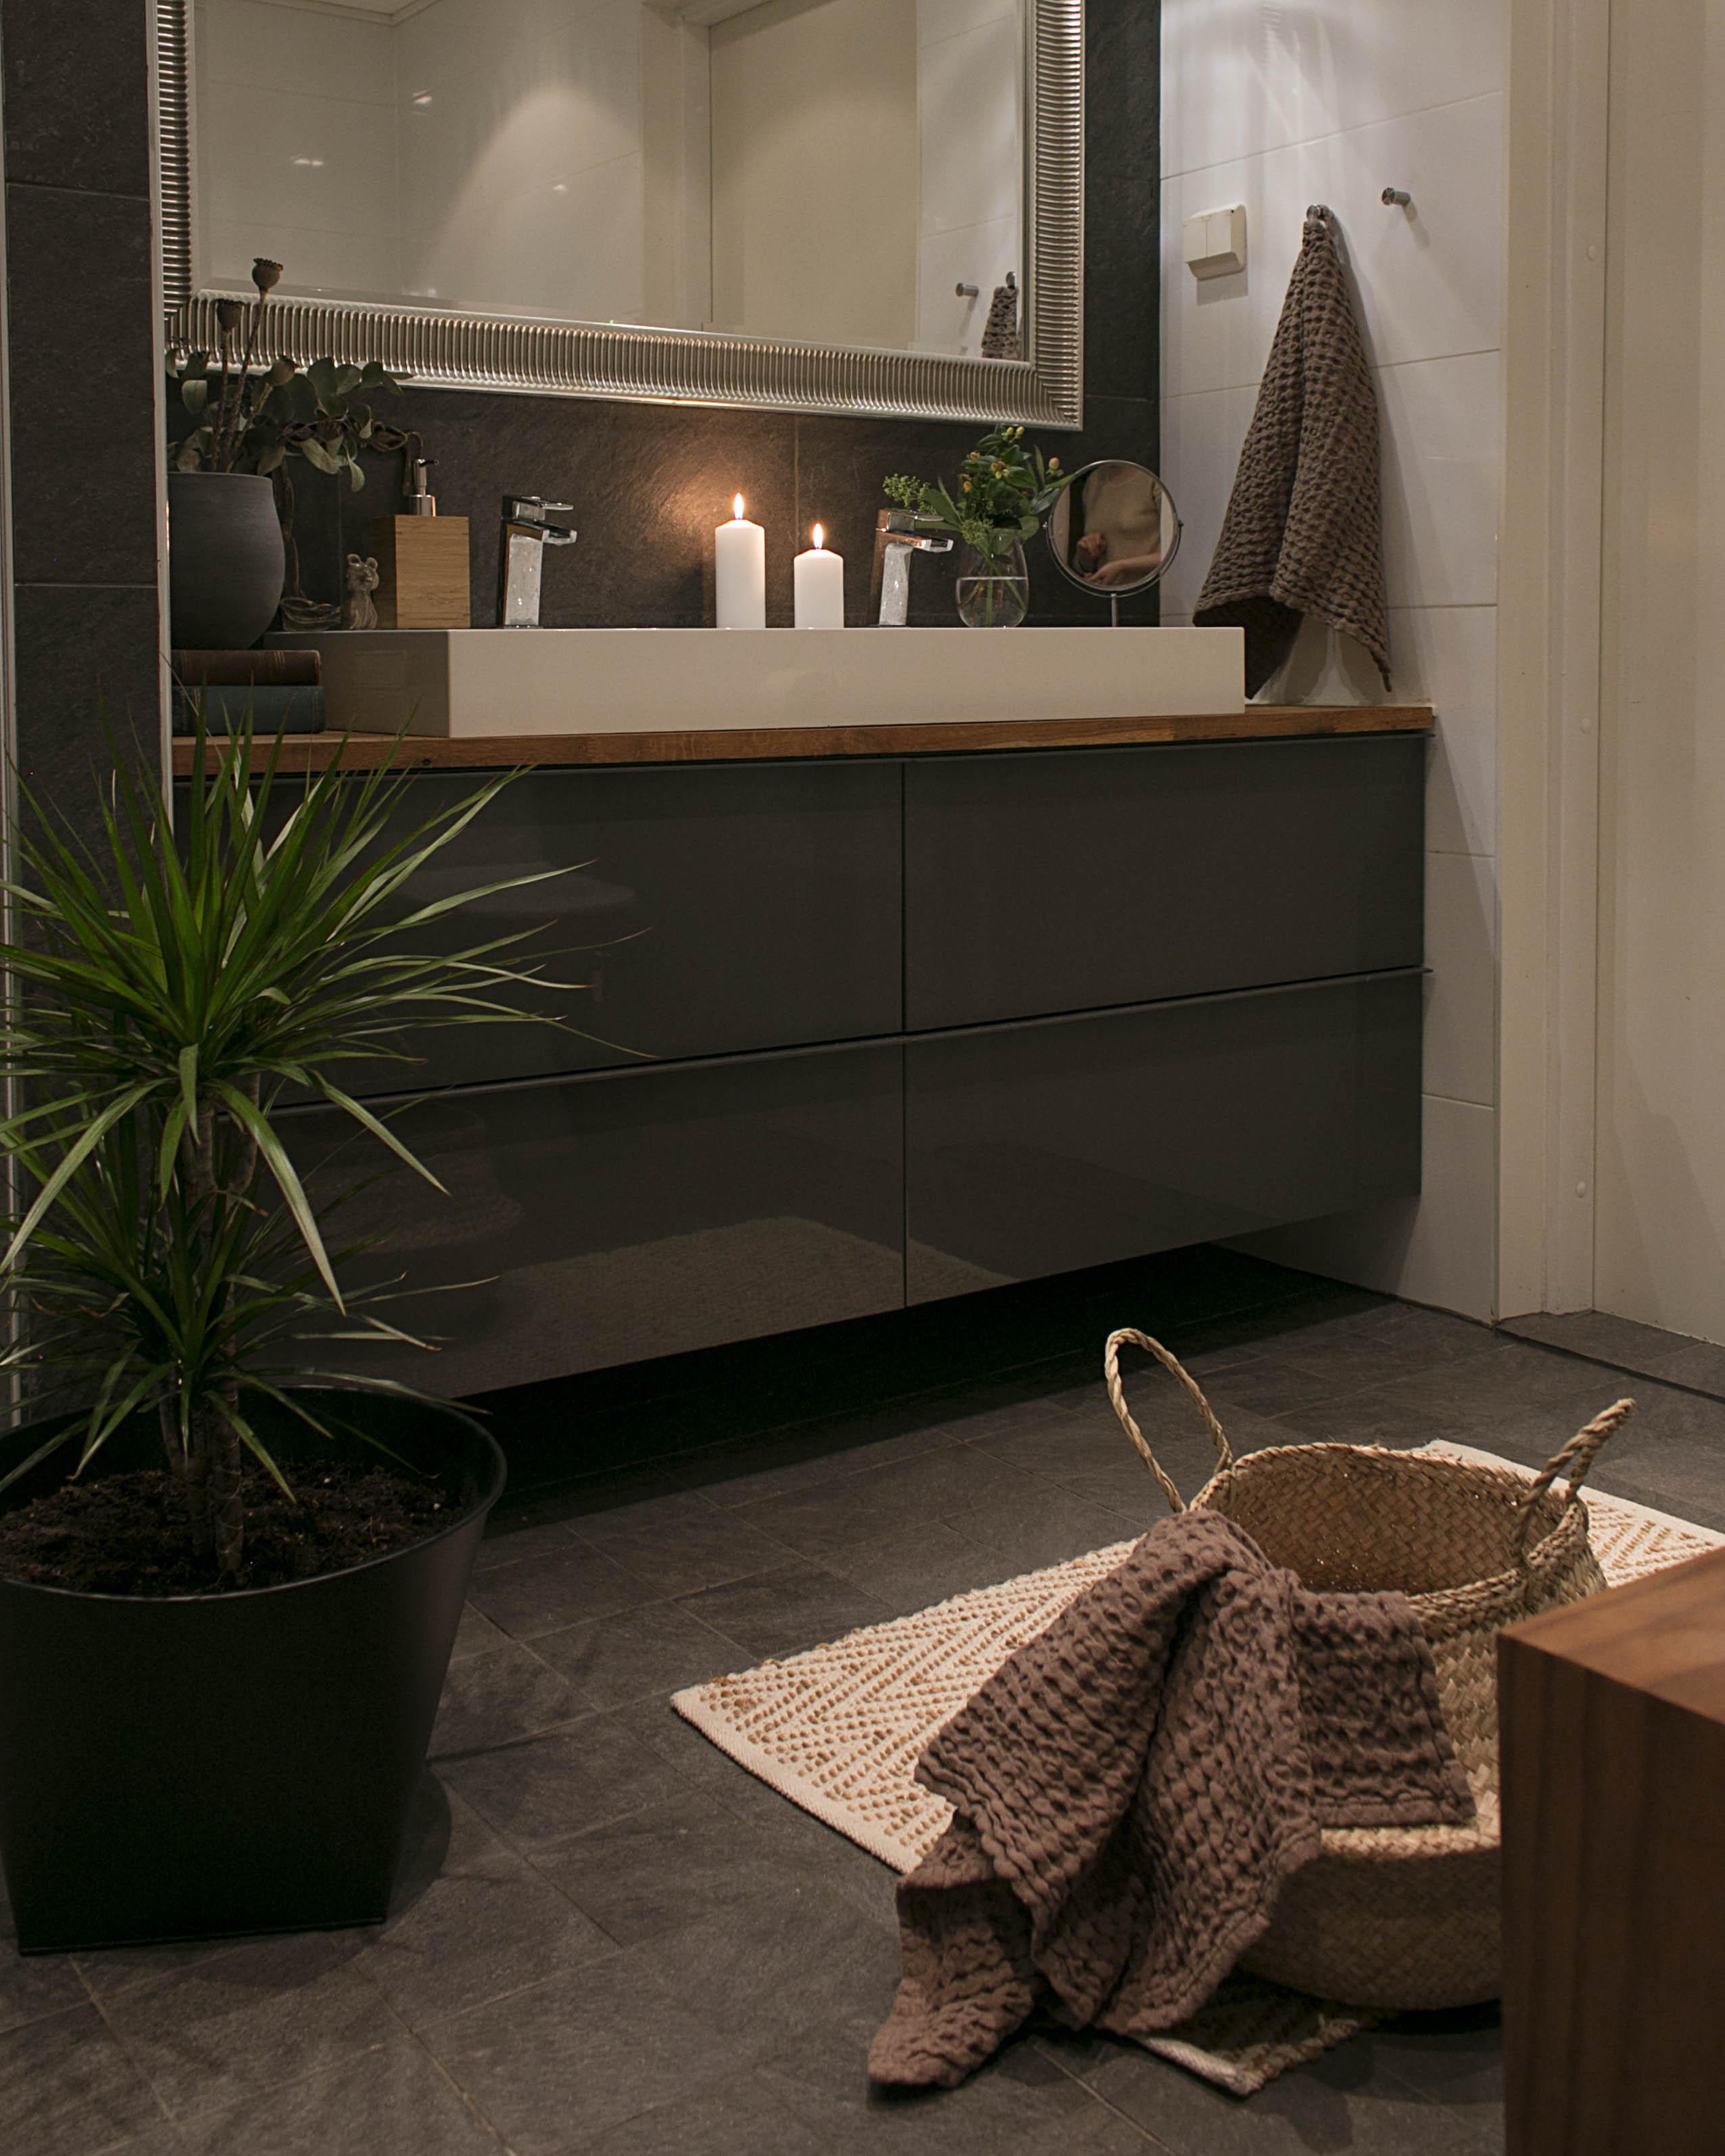 kylpyhuoneen sisustus6